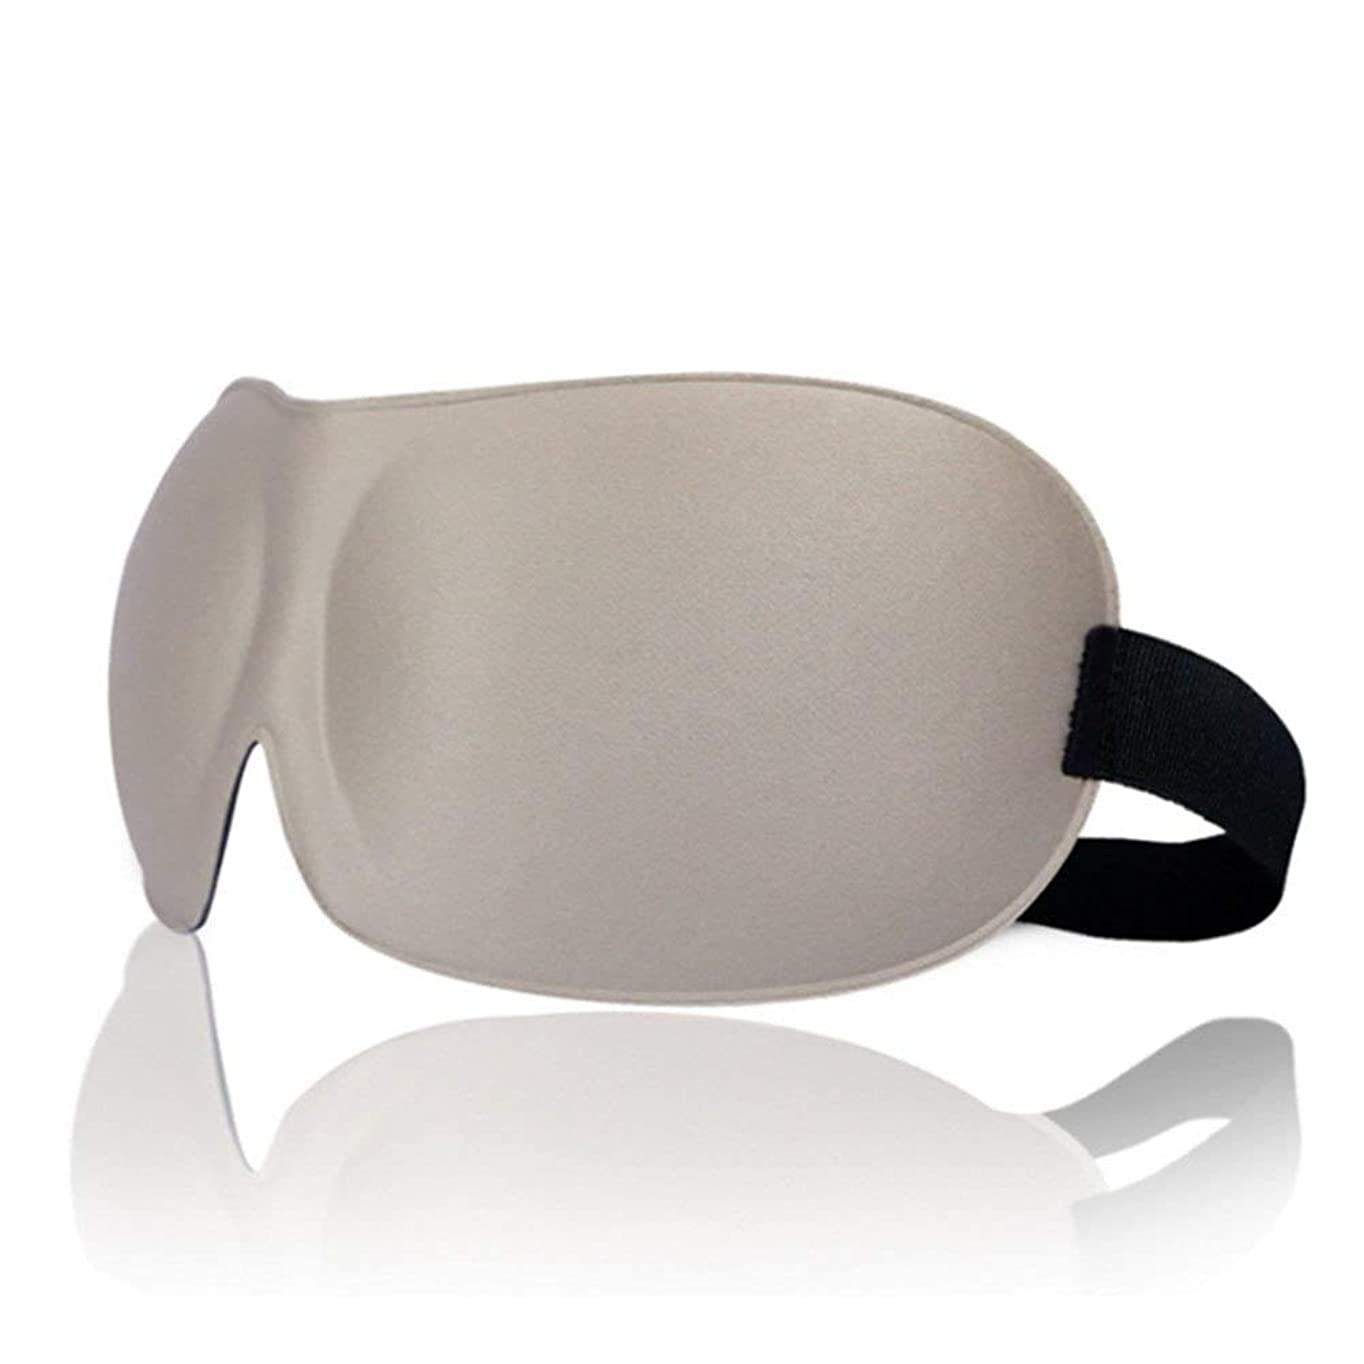 NOTE 3Dアイマスク睡眠ソフトパッド入りシェードカバー残りリラックス目隠し実用旅行睡眠なしライト通気性H7JP